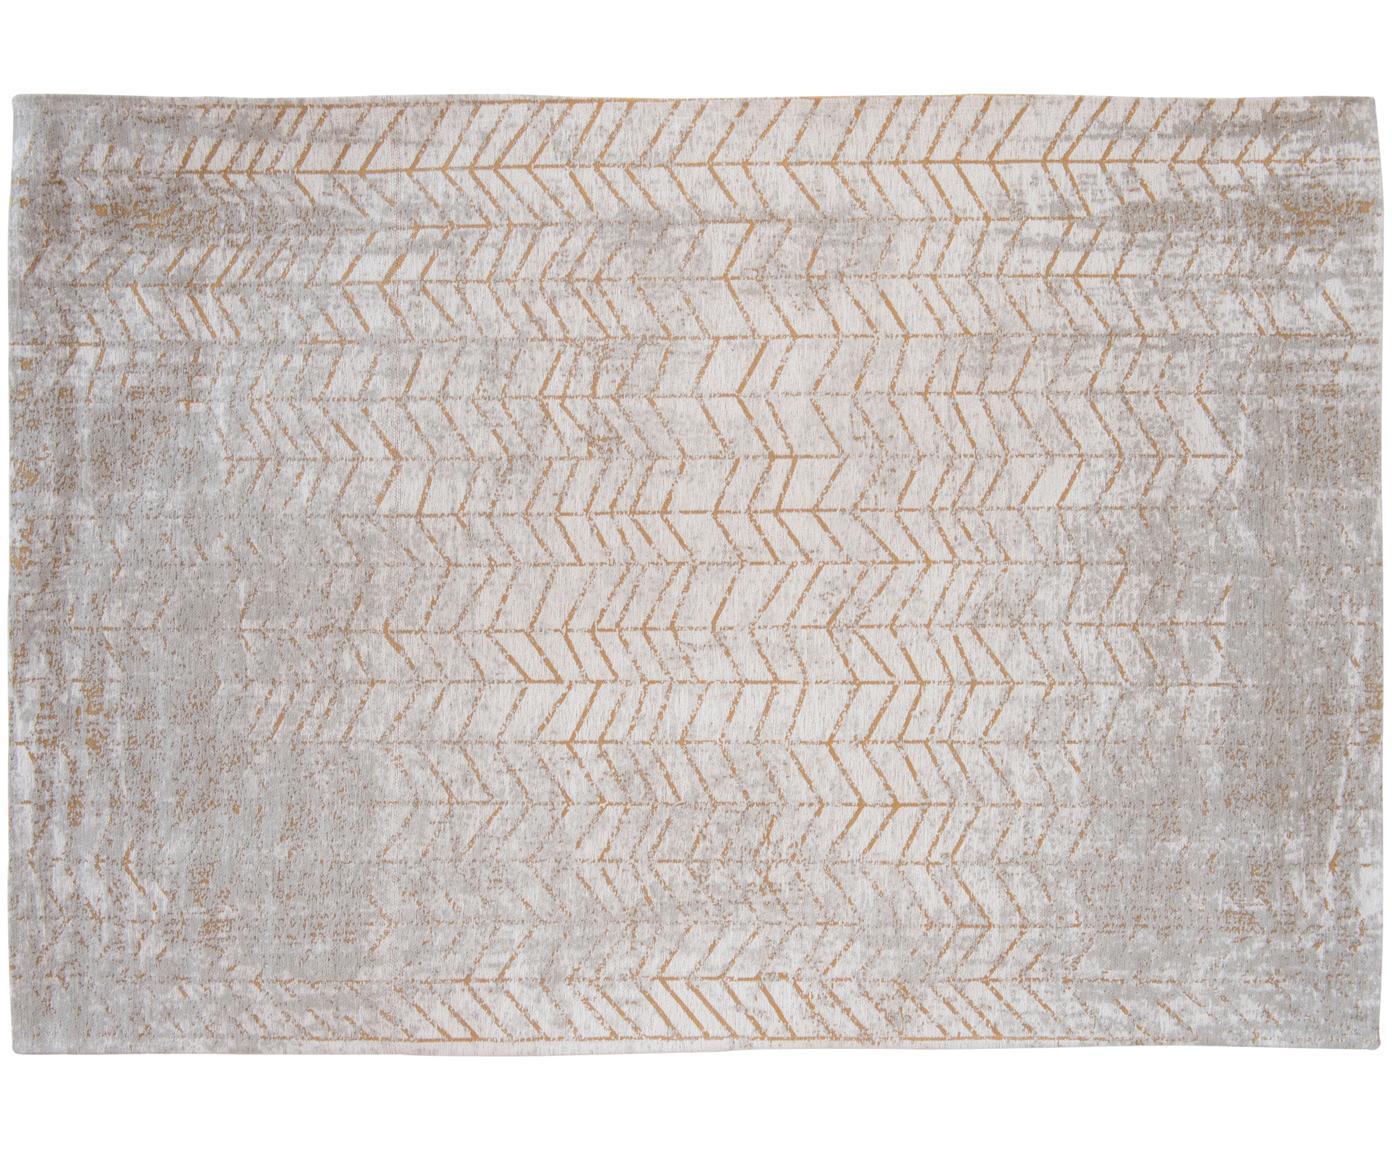 Alfombra J. Ladder, Parte superior: 85%algodón, 15%hilos de, Reverso: mezcla de algodón, recubi, Gris, blanco crudo, dorado, An 140 x L 200 cm (Tamaño S)